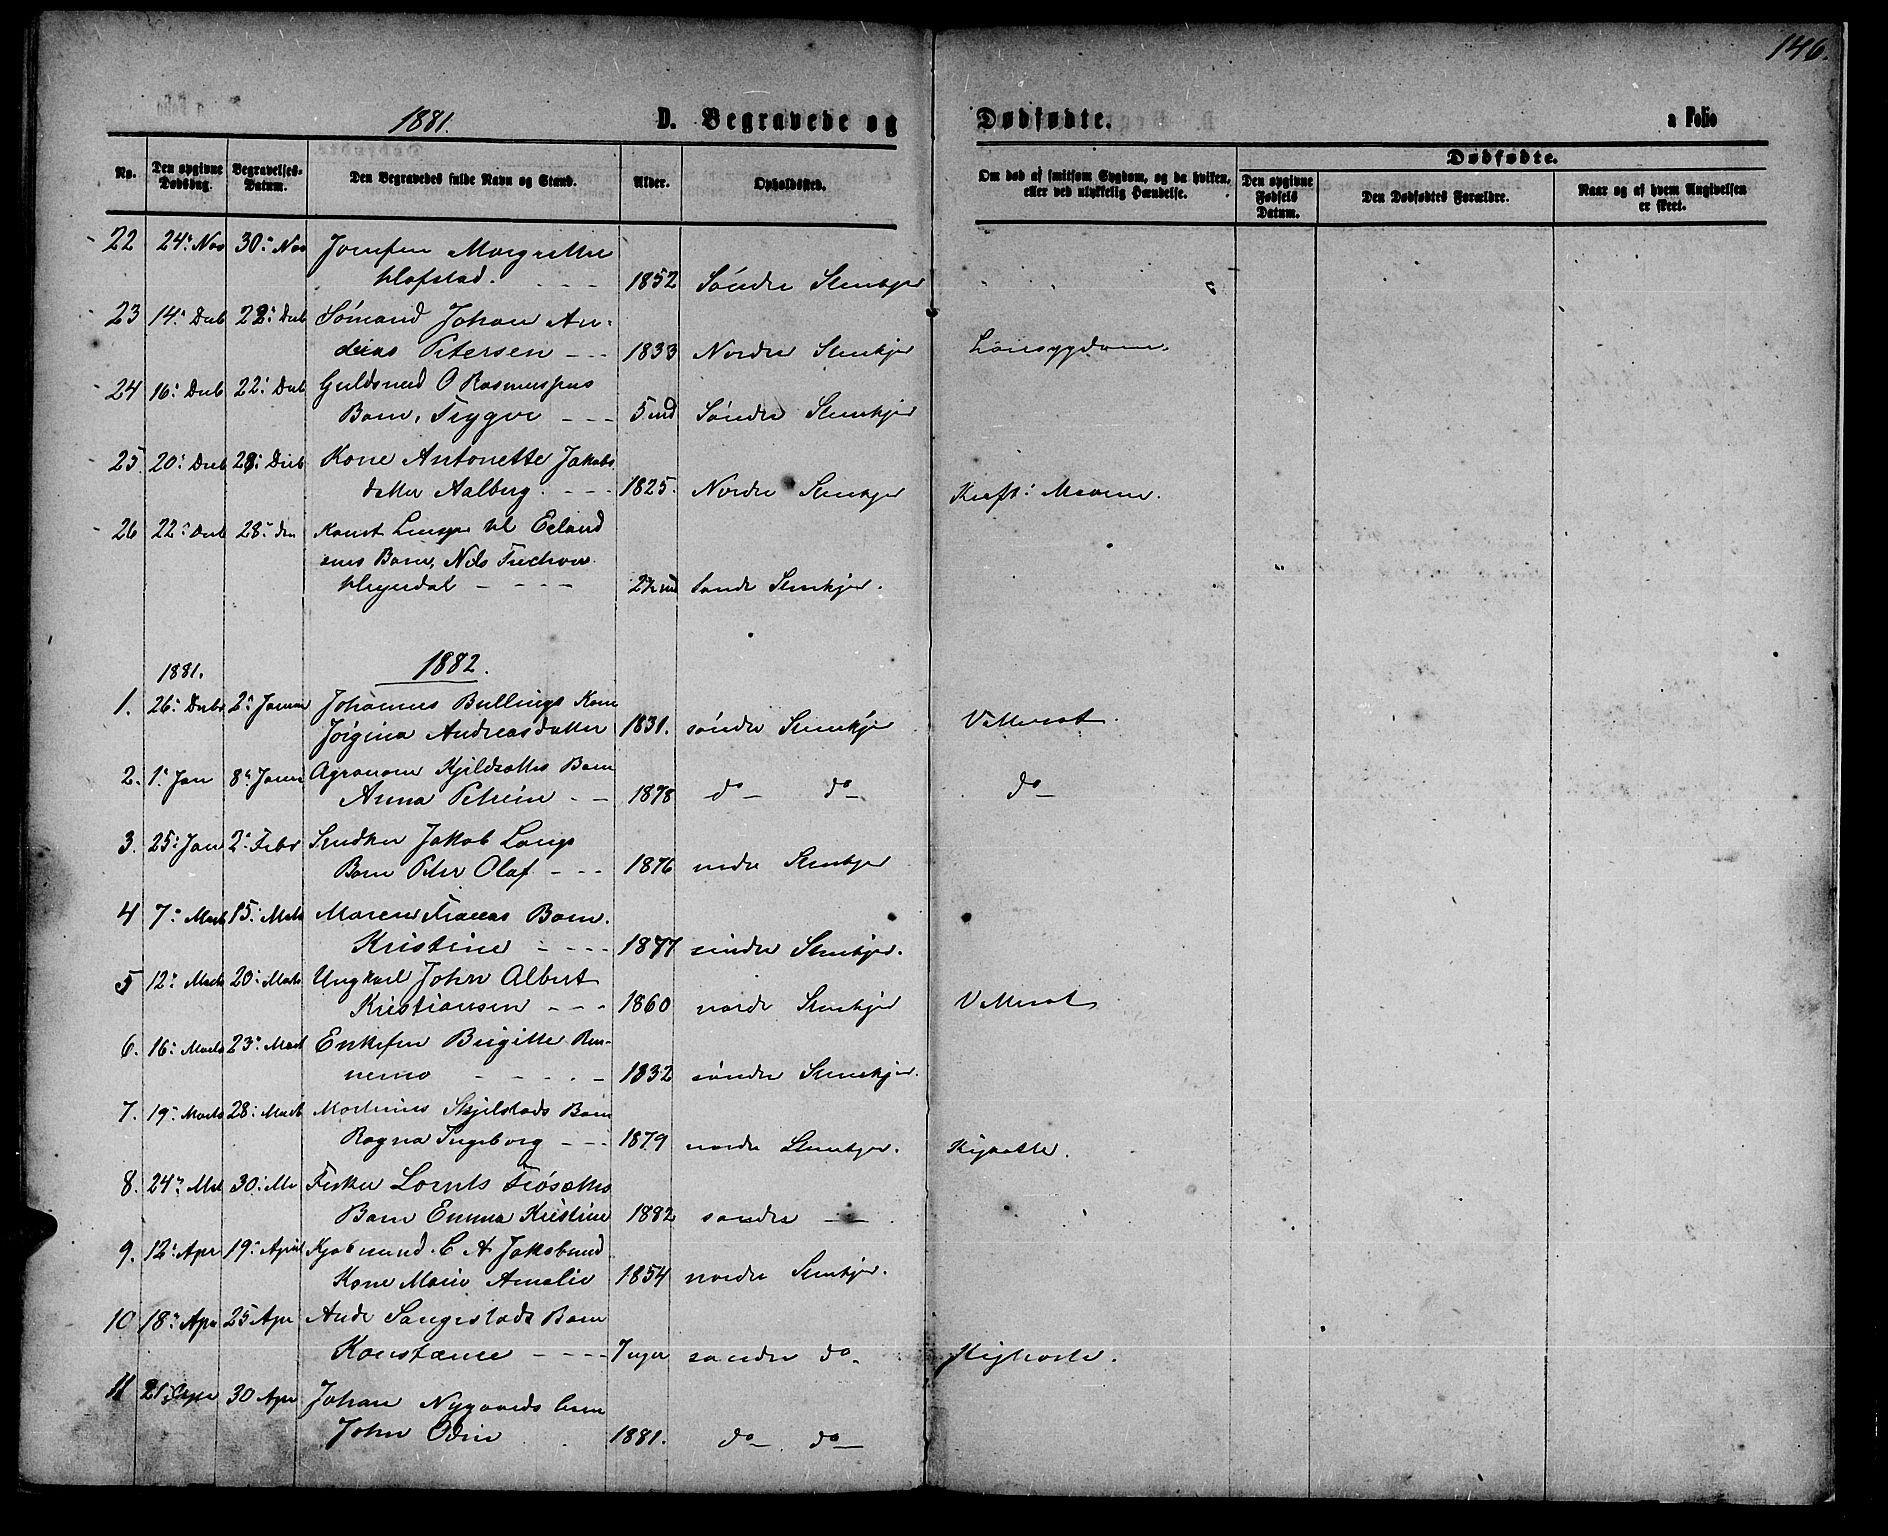 SAT, Ministerialprotokoller, klokkerbøker og fødselsregistre - Nord-Trøndelag, 739/L0373: Klokkerbok nr. 739C01, 1865-1882, s. 146